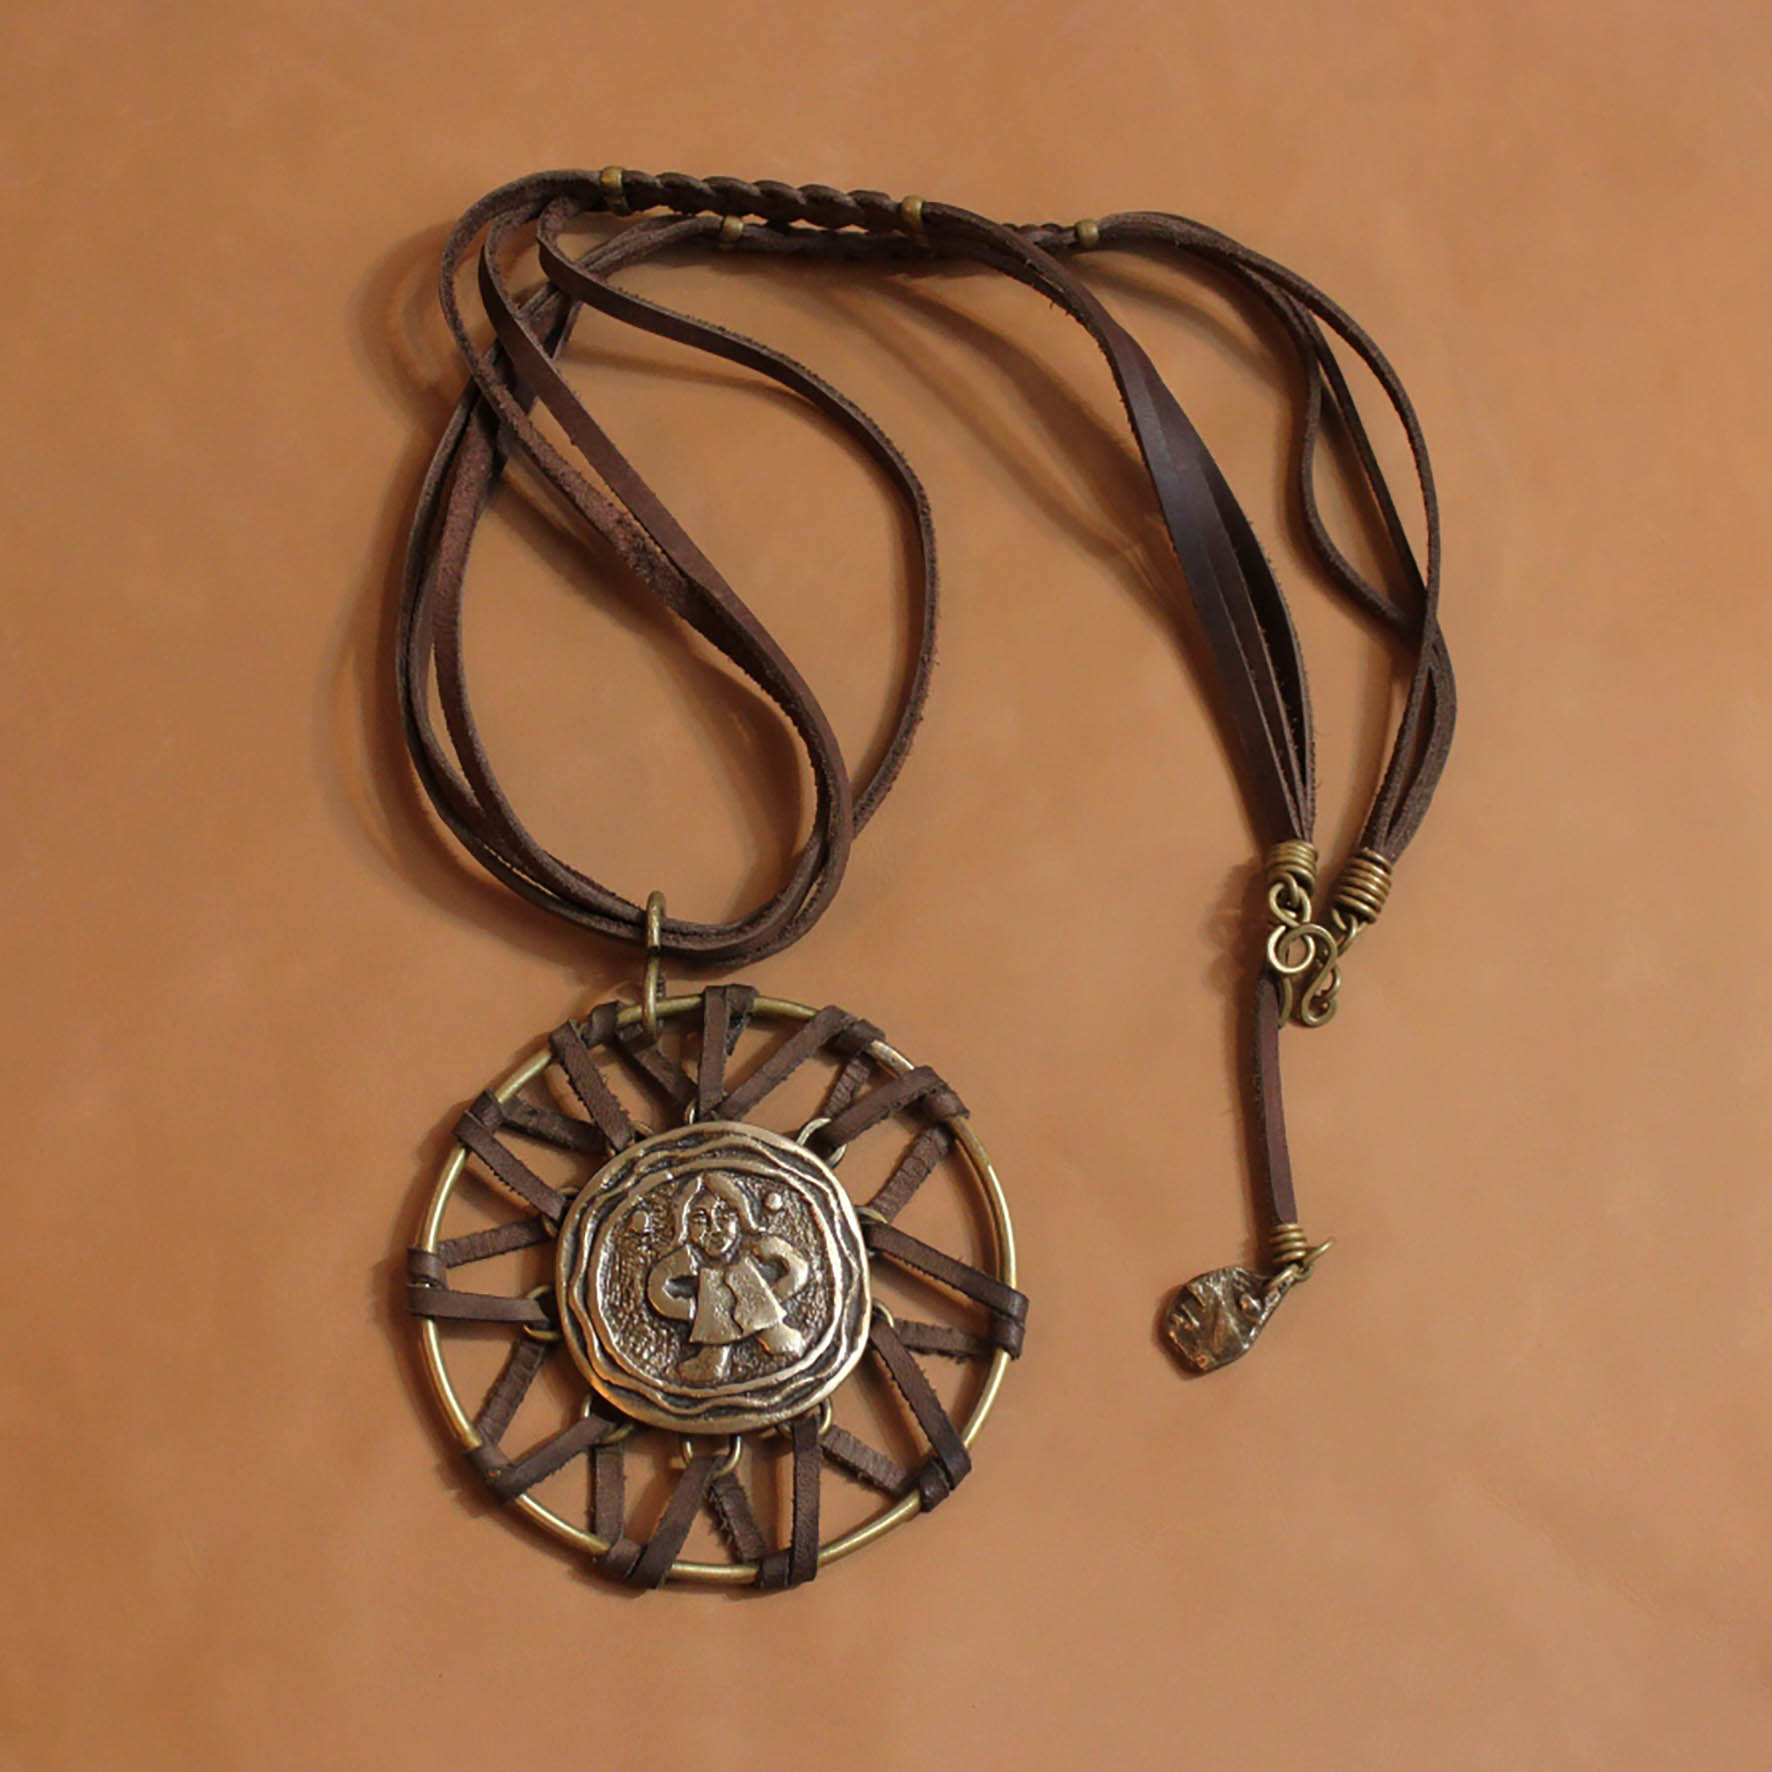 Tight Bride Necklace